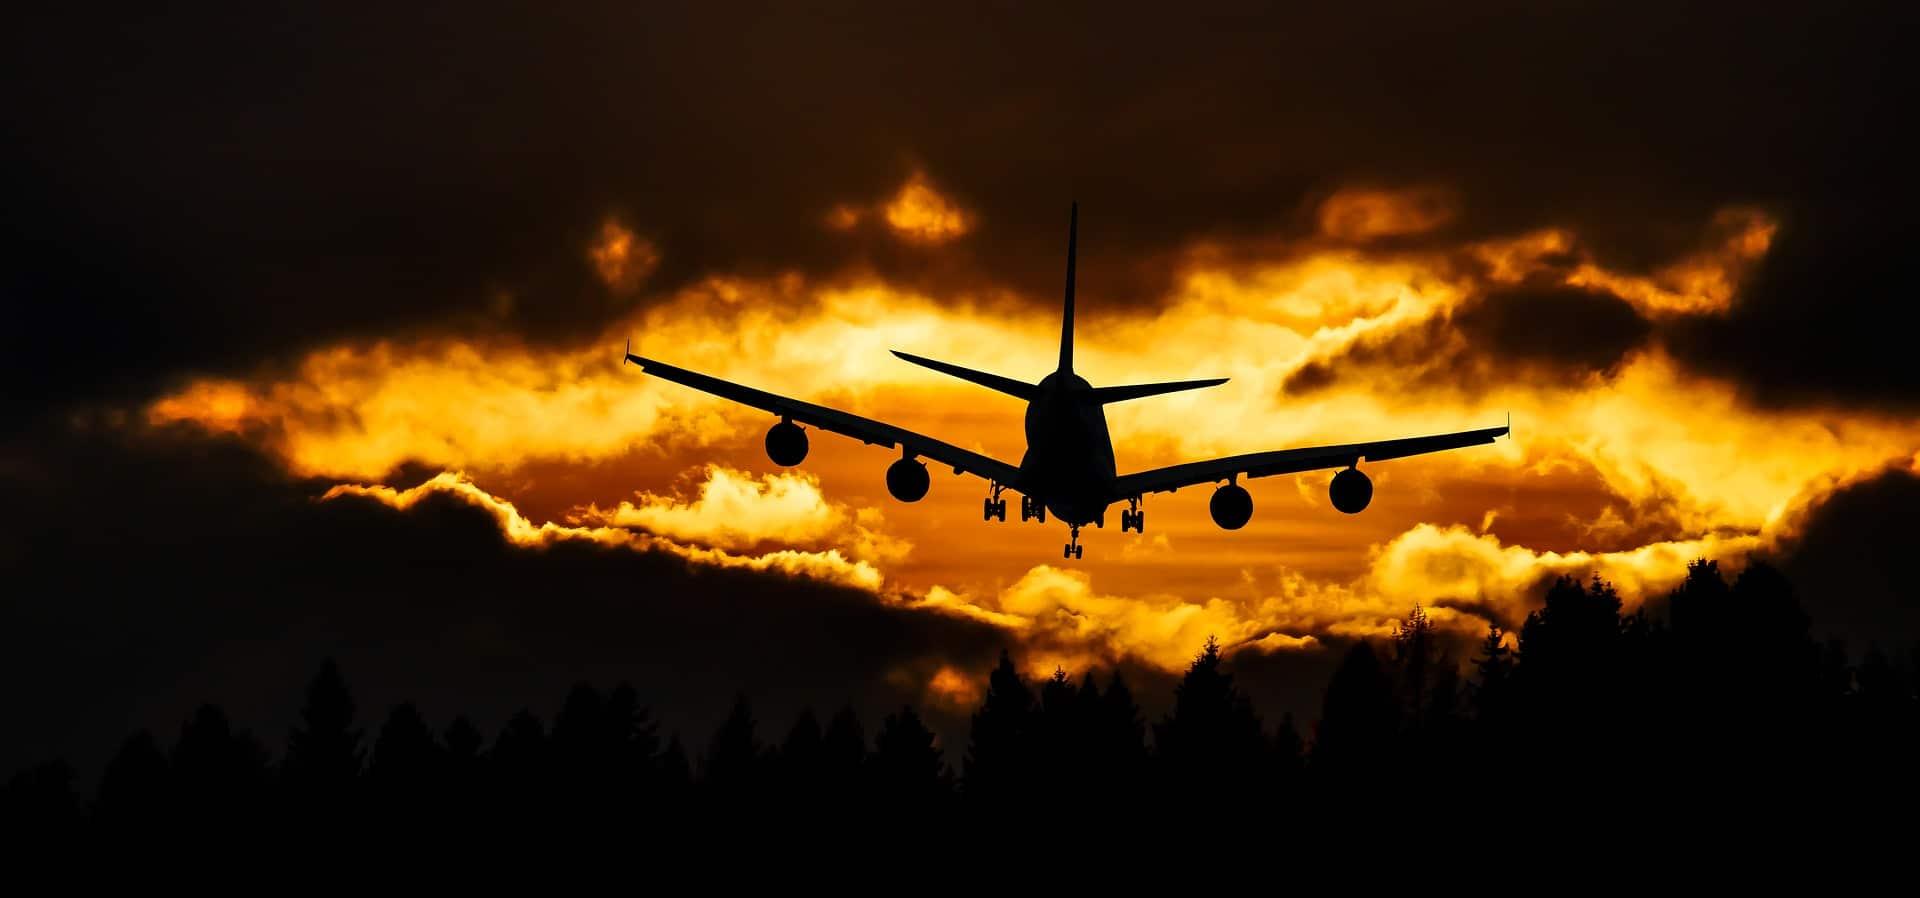 flugzeug-fliegt-in-wolken